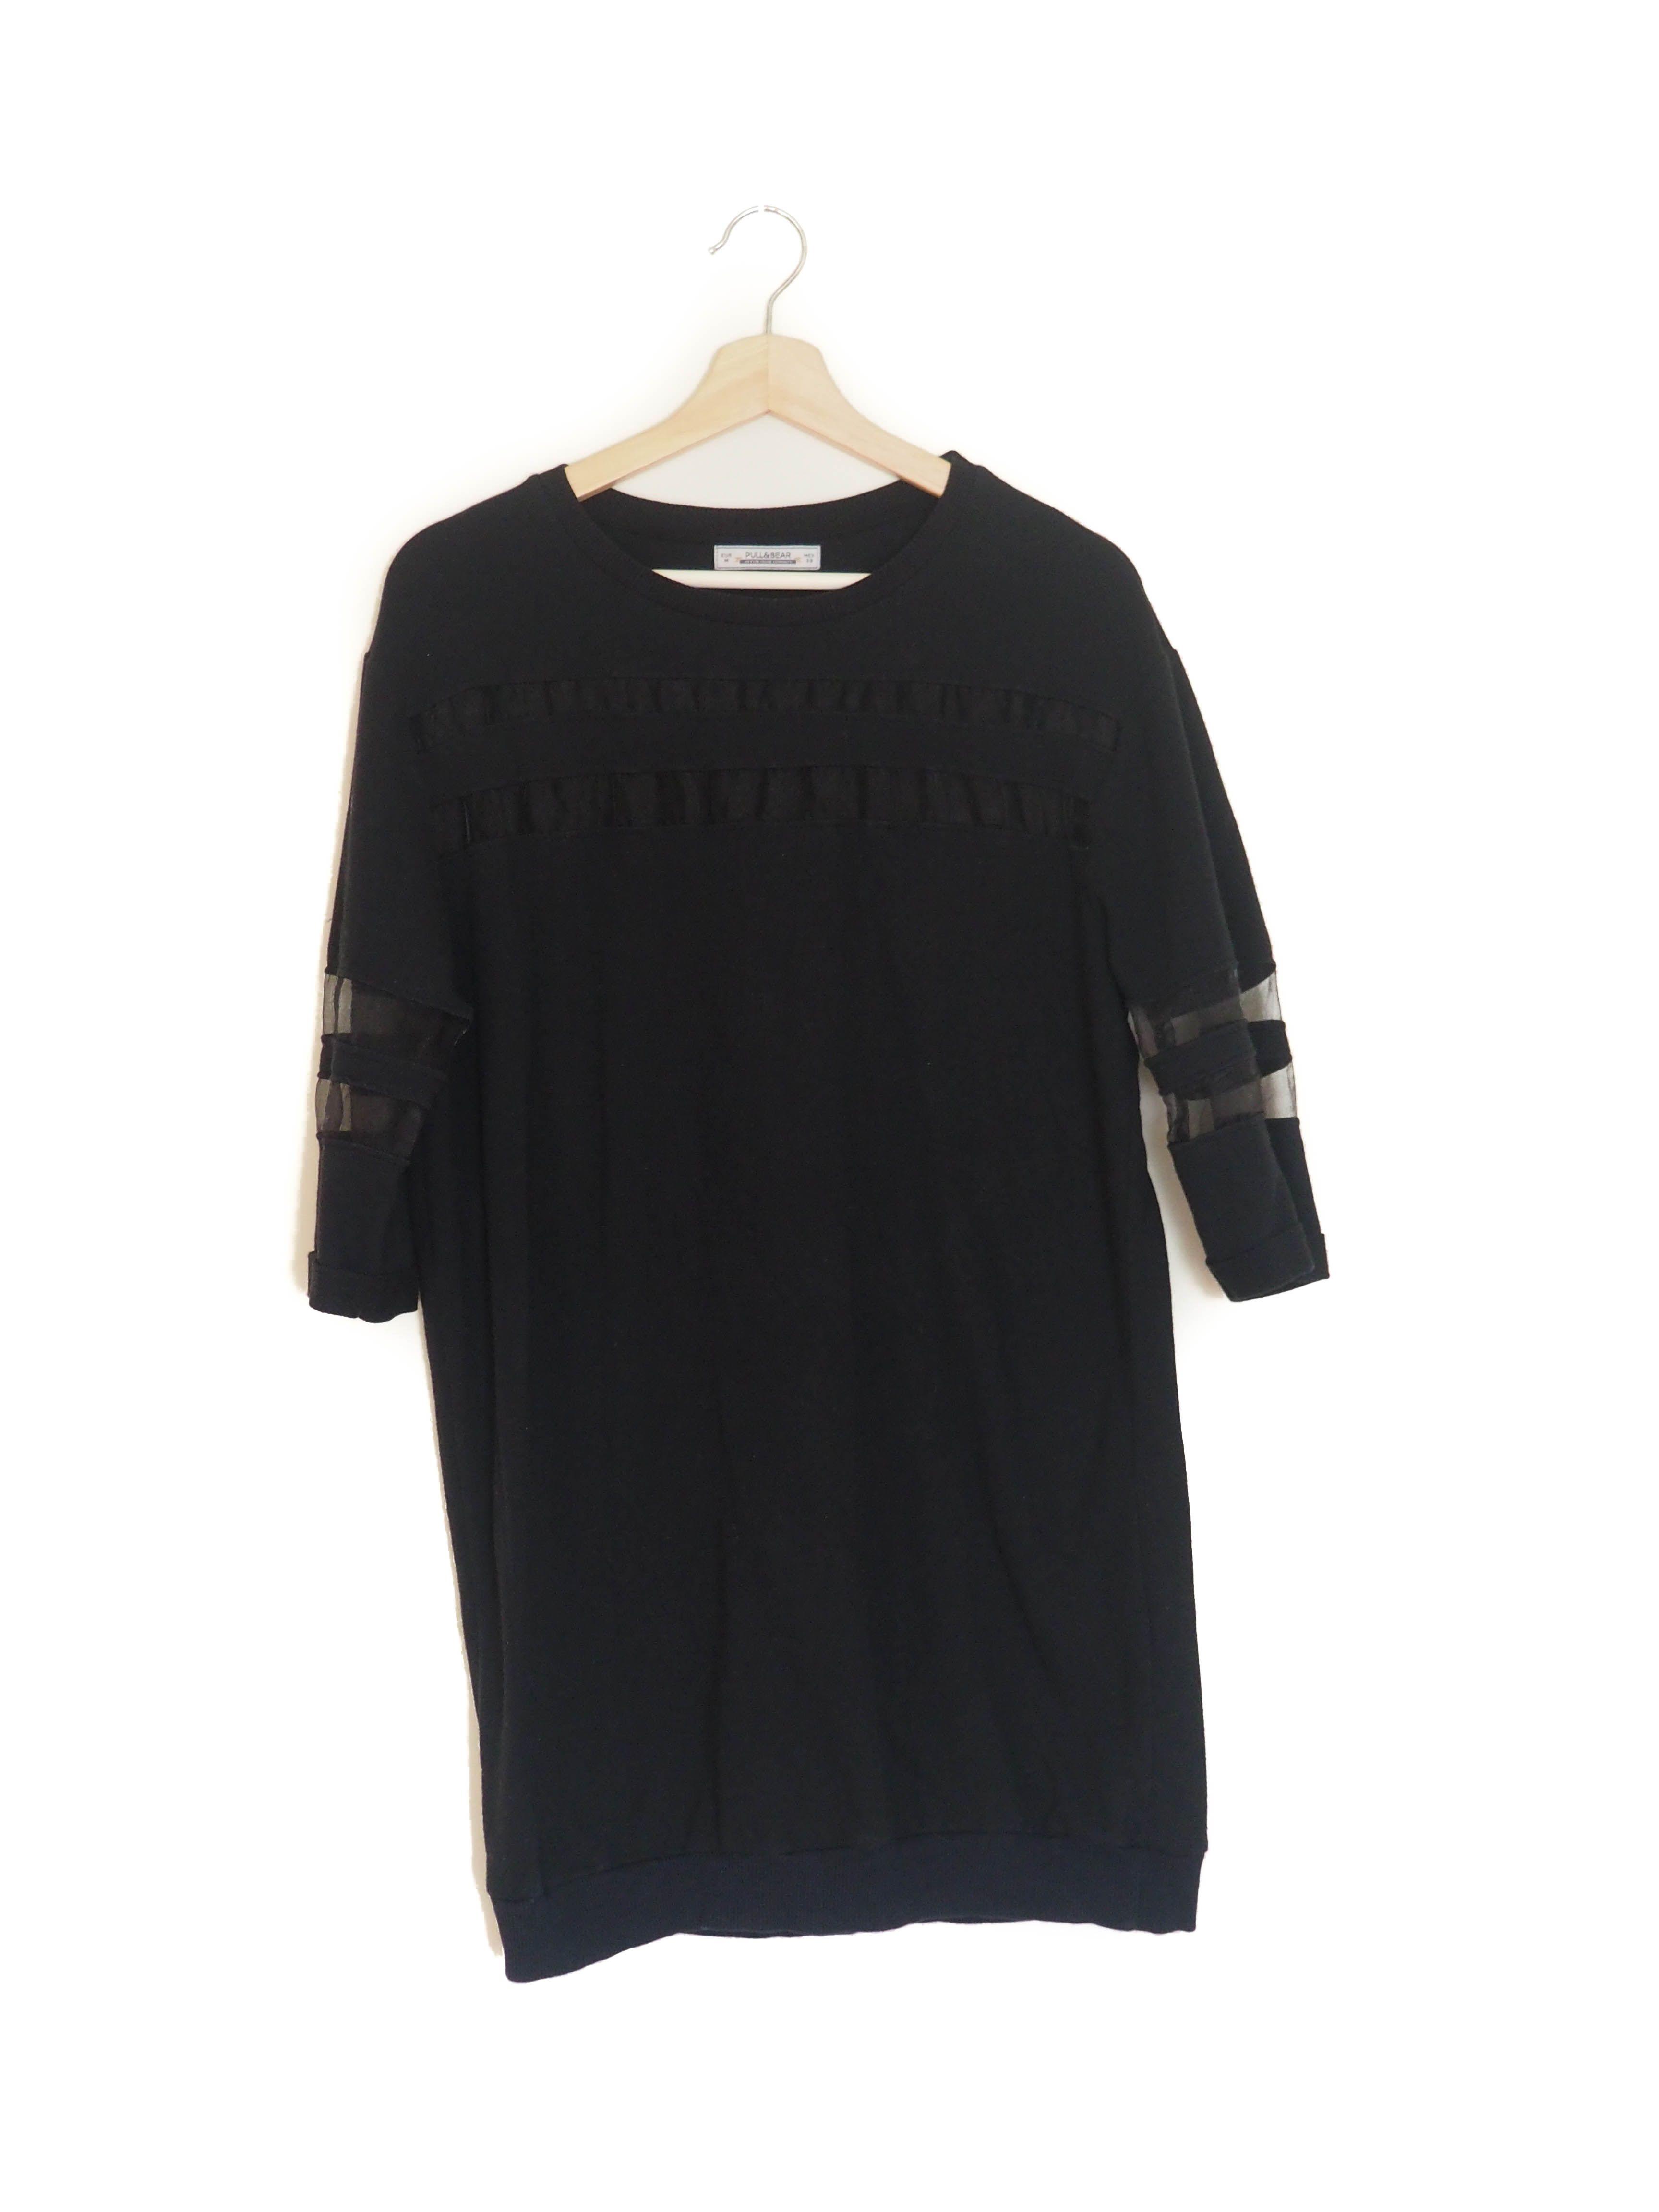 Sweater short dress black pullubear seethrough vestido sudadera